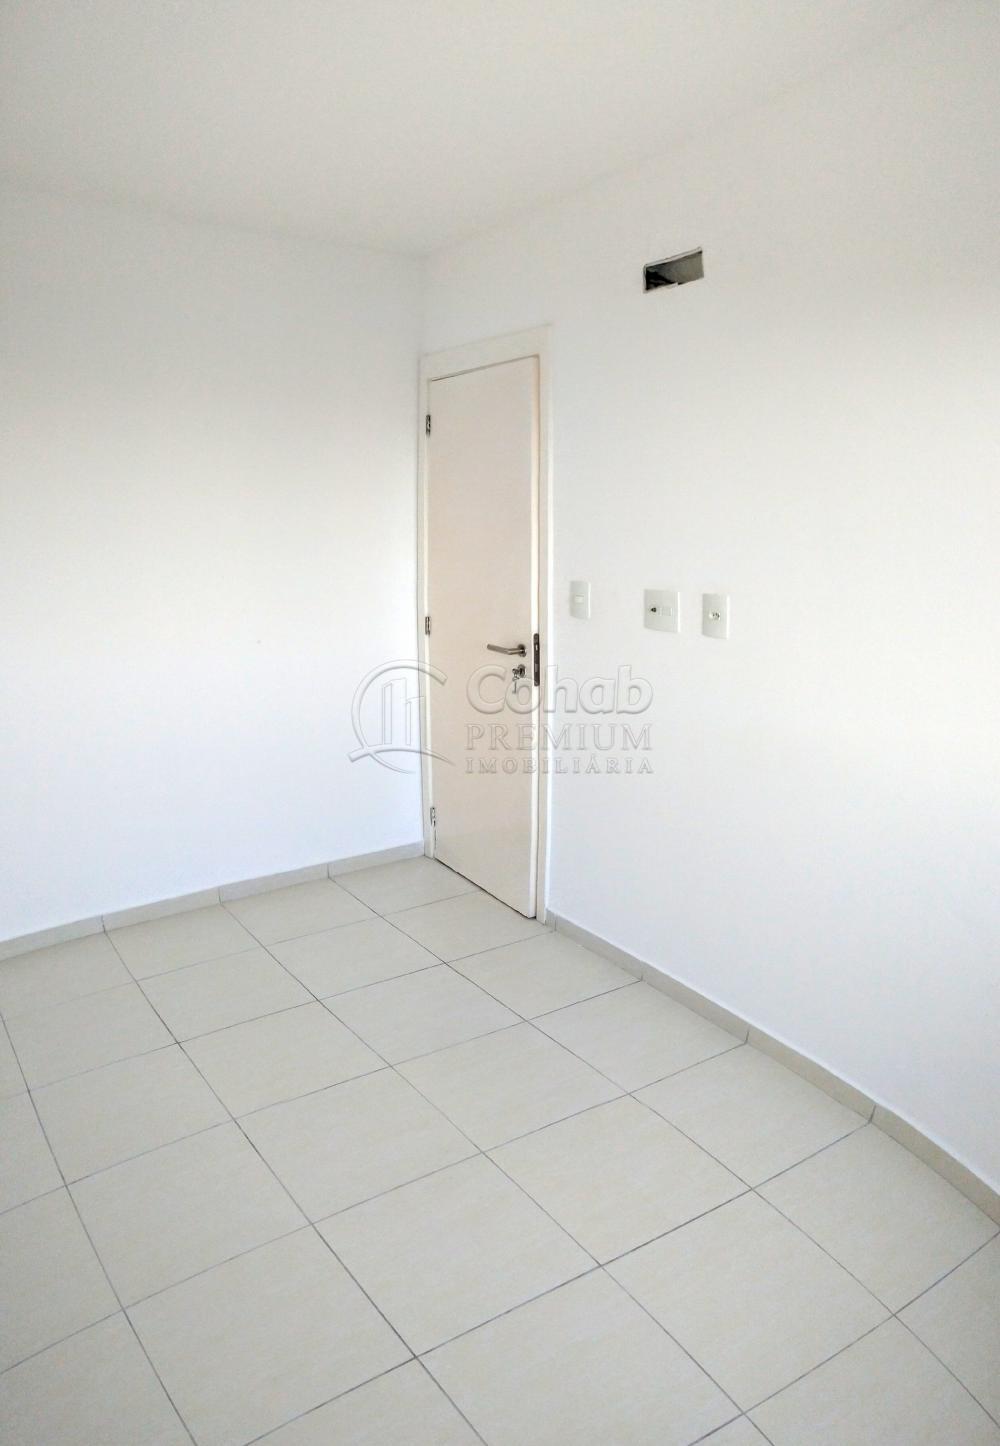 Alugar Apartamento / Padrão em Aracaju apenas R$ 1.300,00 - Foto 5